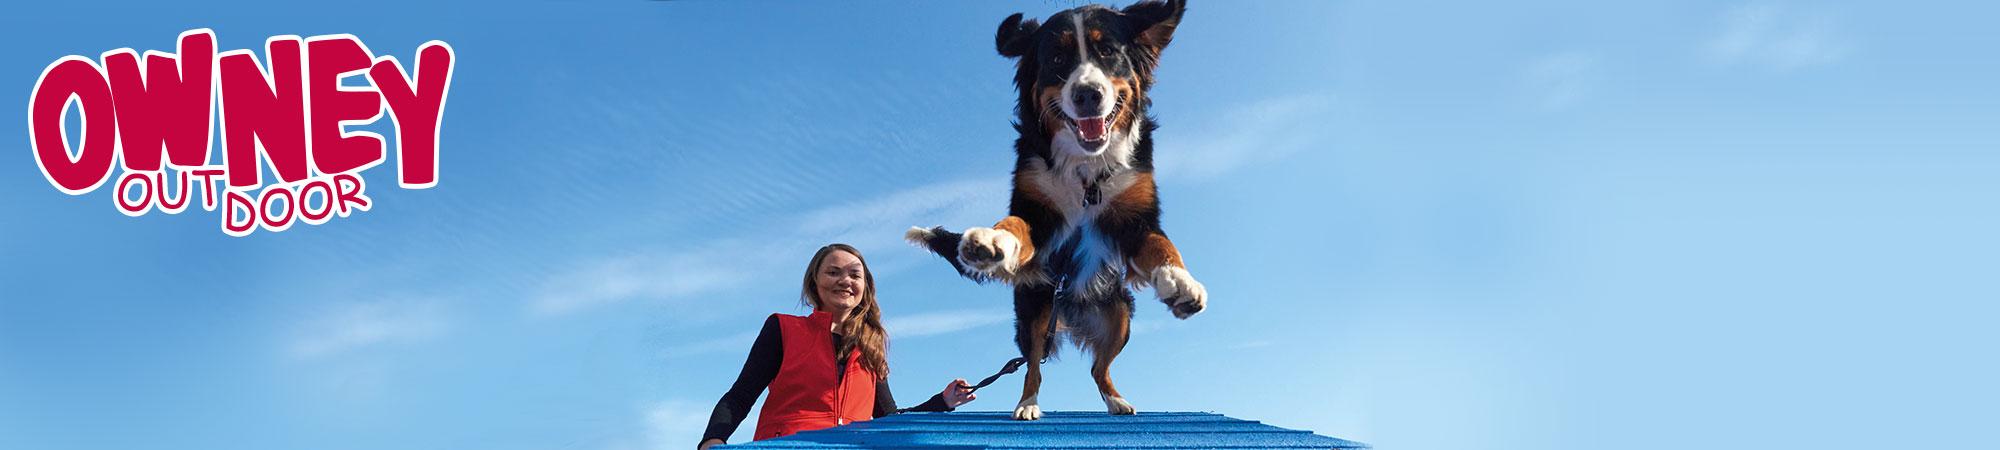 Owney Online Shop - Outdoor Bekleidung für Hundehalter, Bild 4